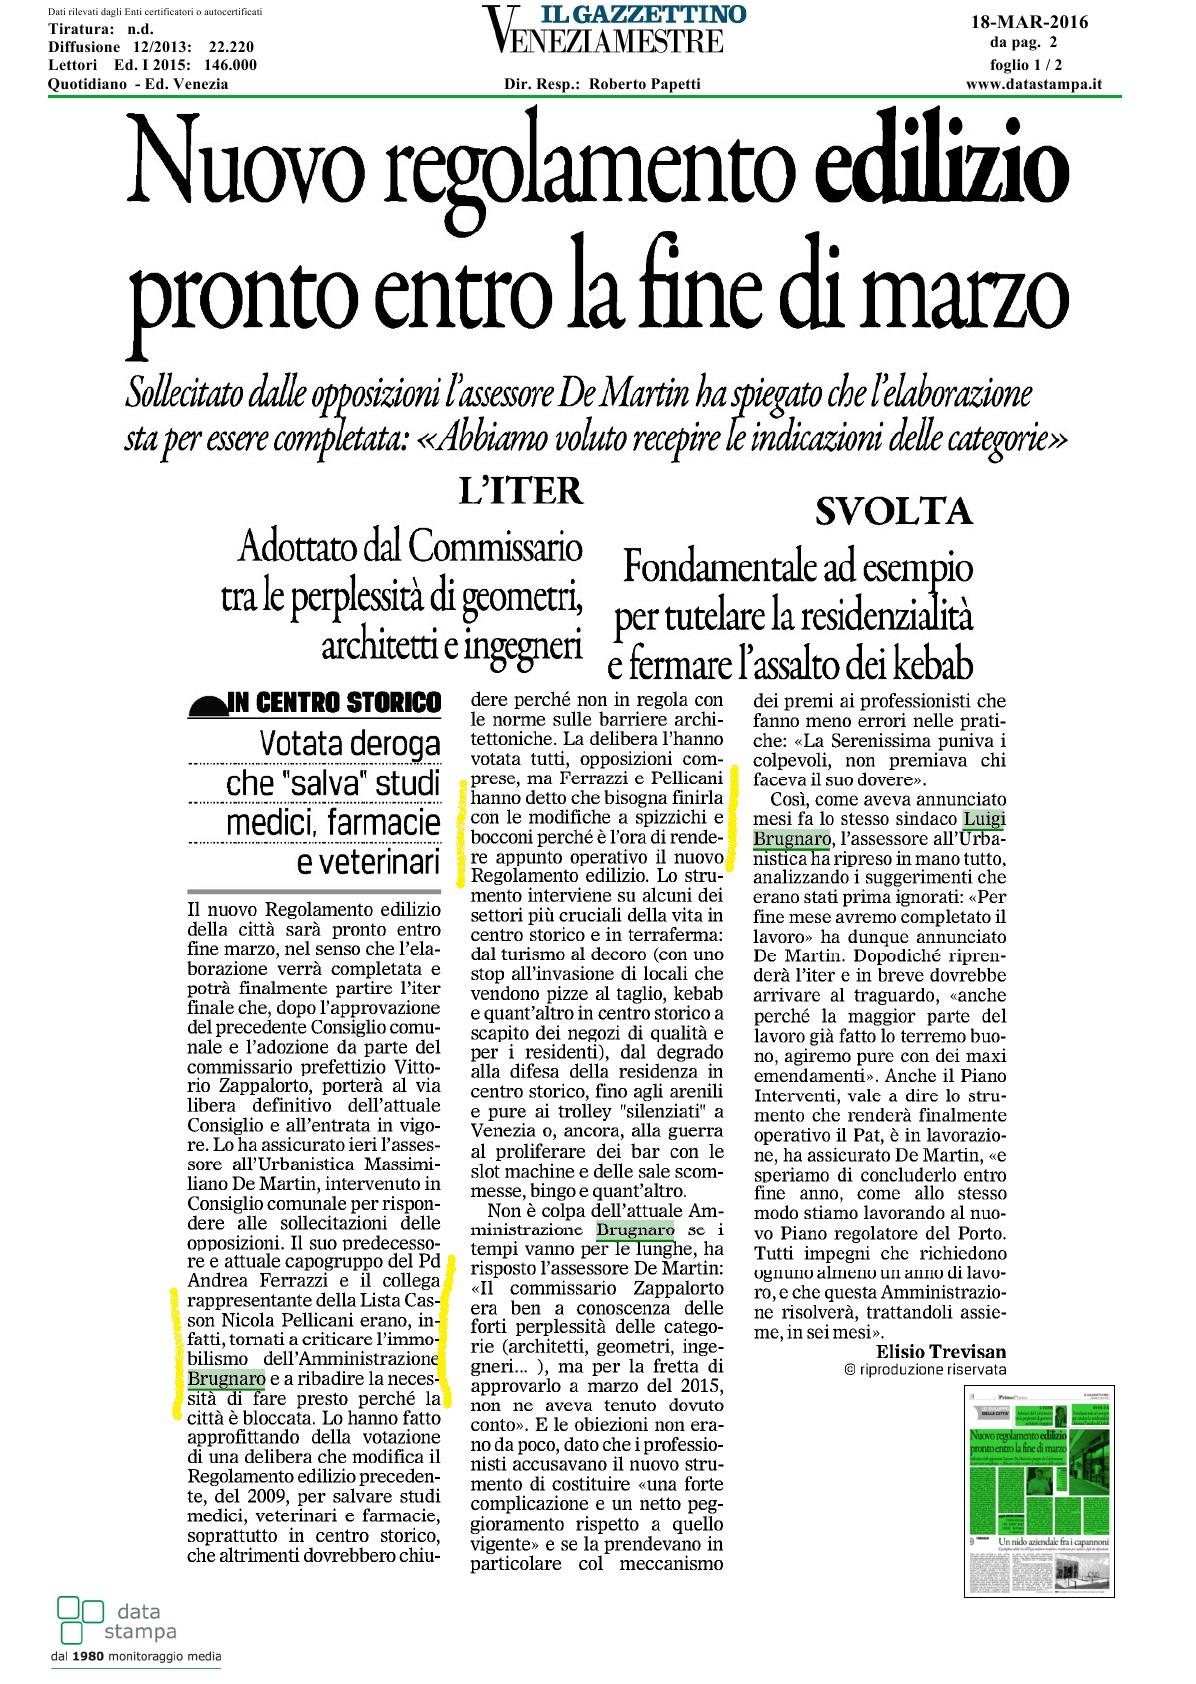 18 marzo 2016 rassegna stampa nicola pellicani for Camera dei deputati rassegna stampa pdf